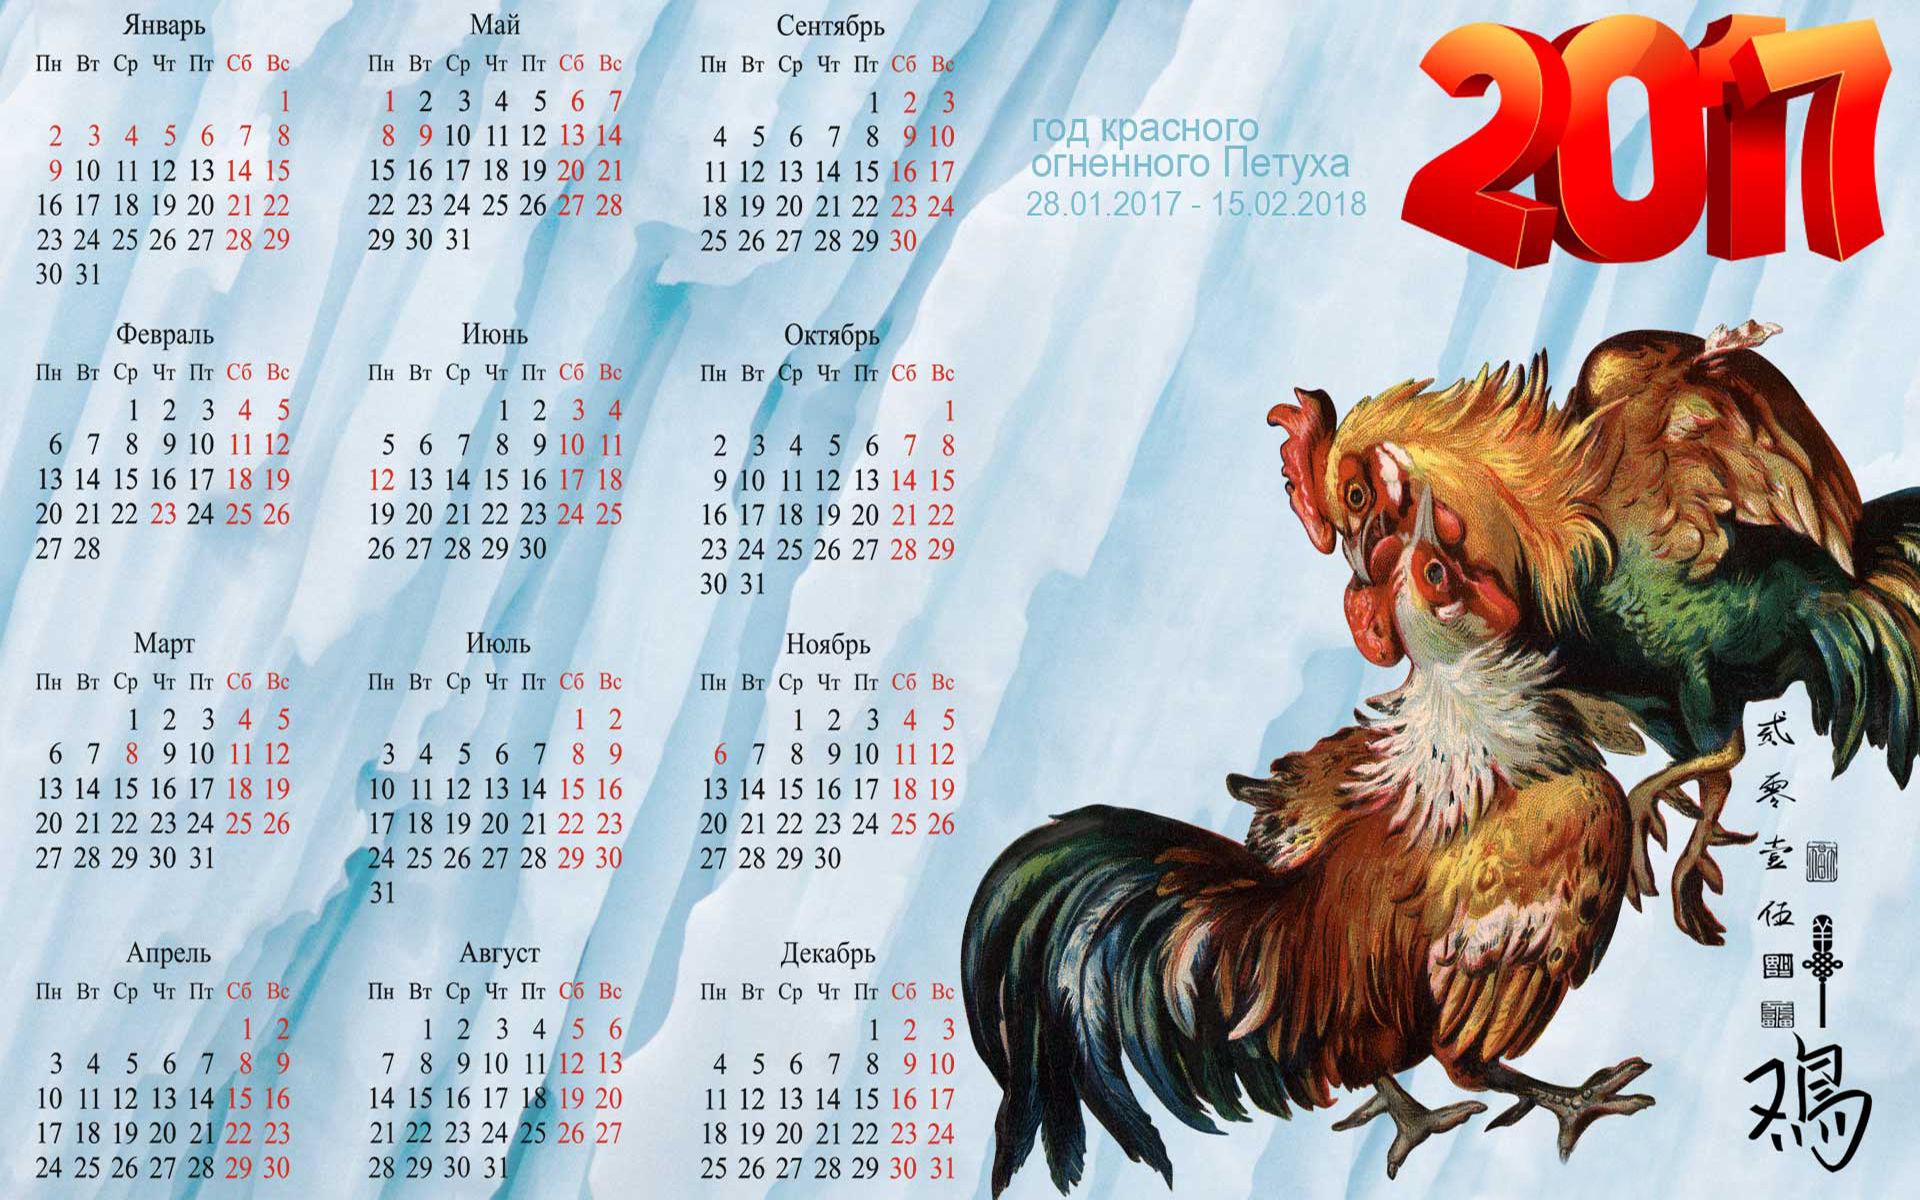 Открыток, прикольные картинки календаря 2017